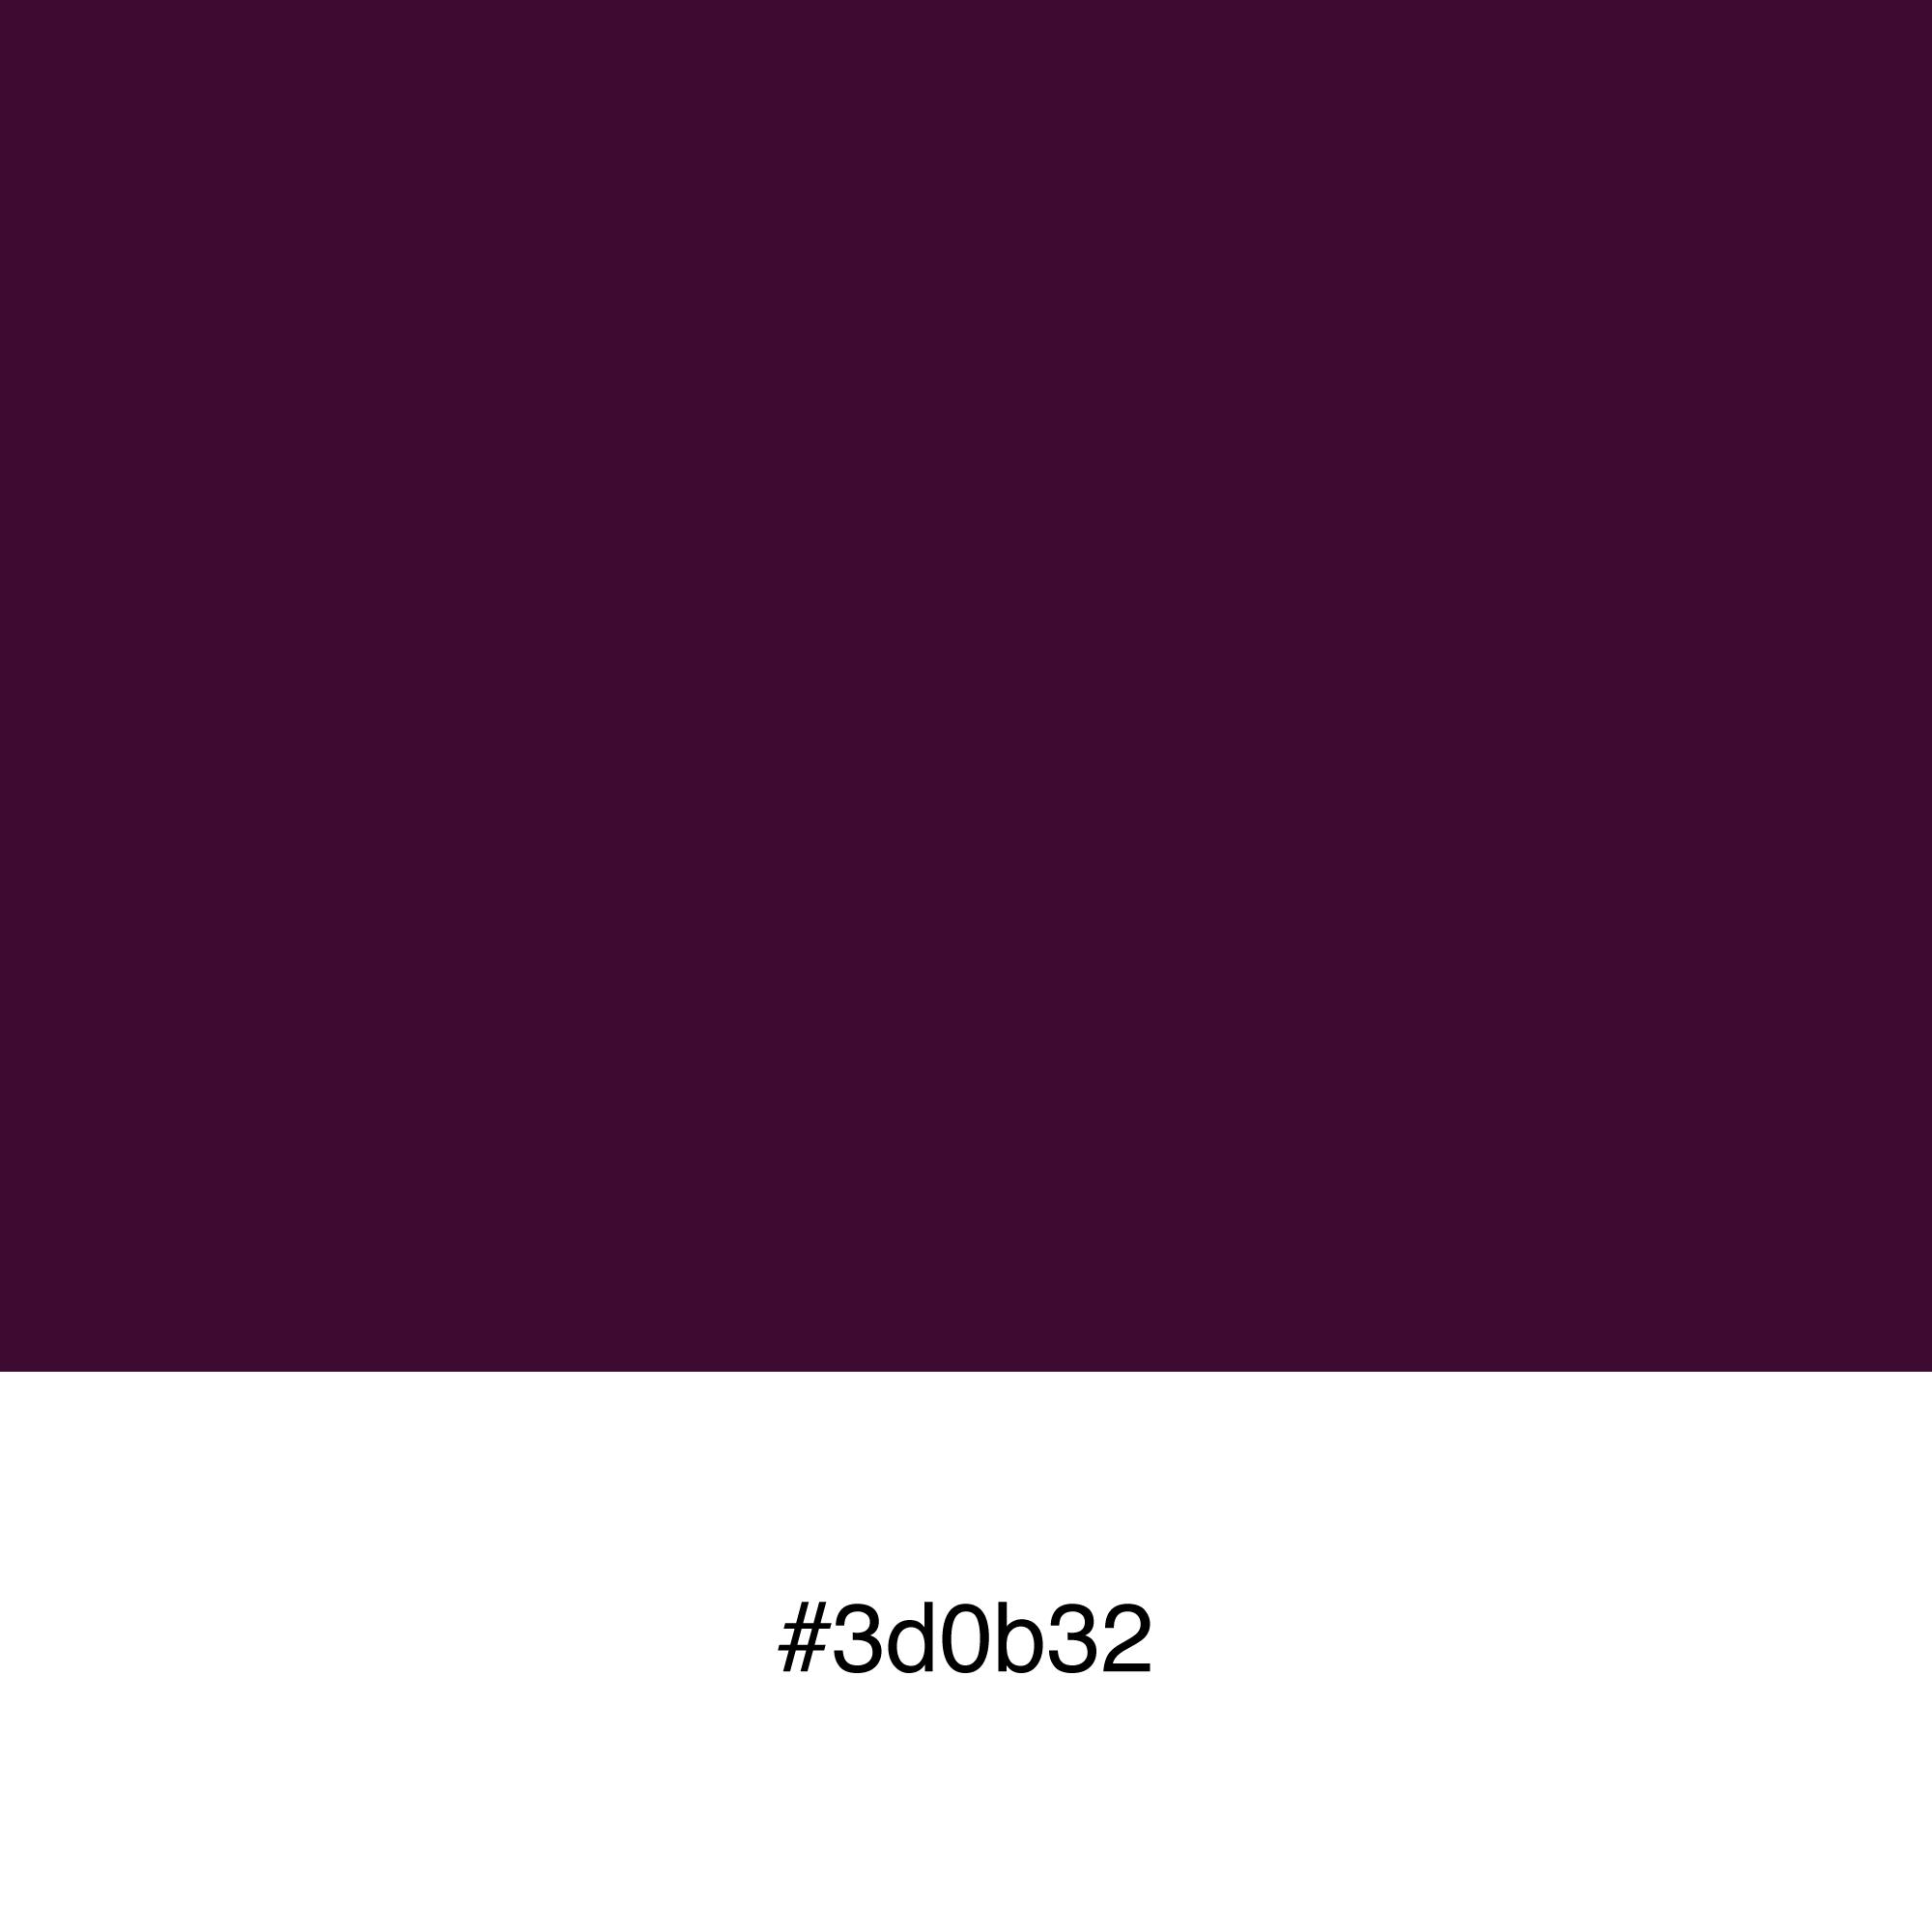 color-swatch-3d0b32